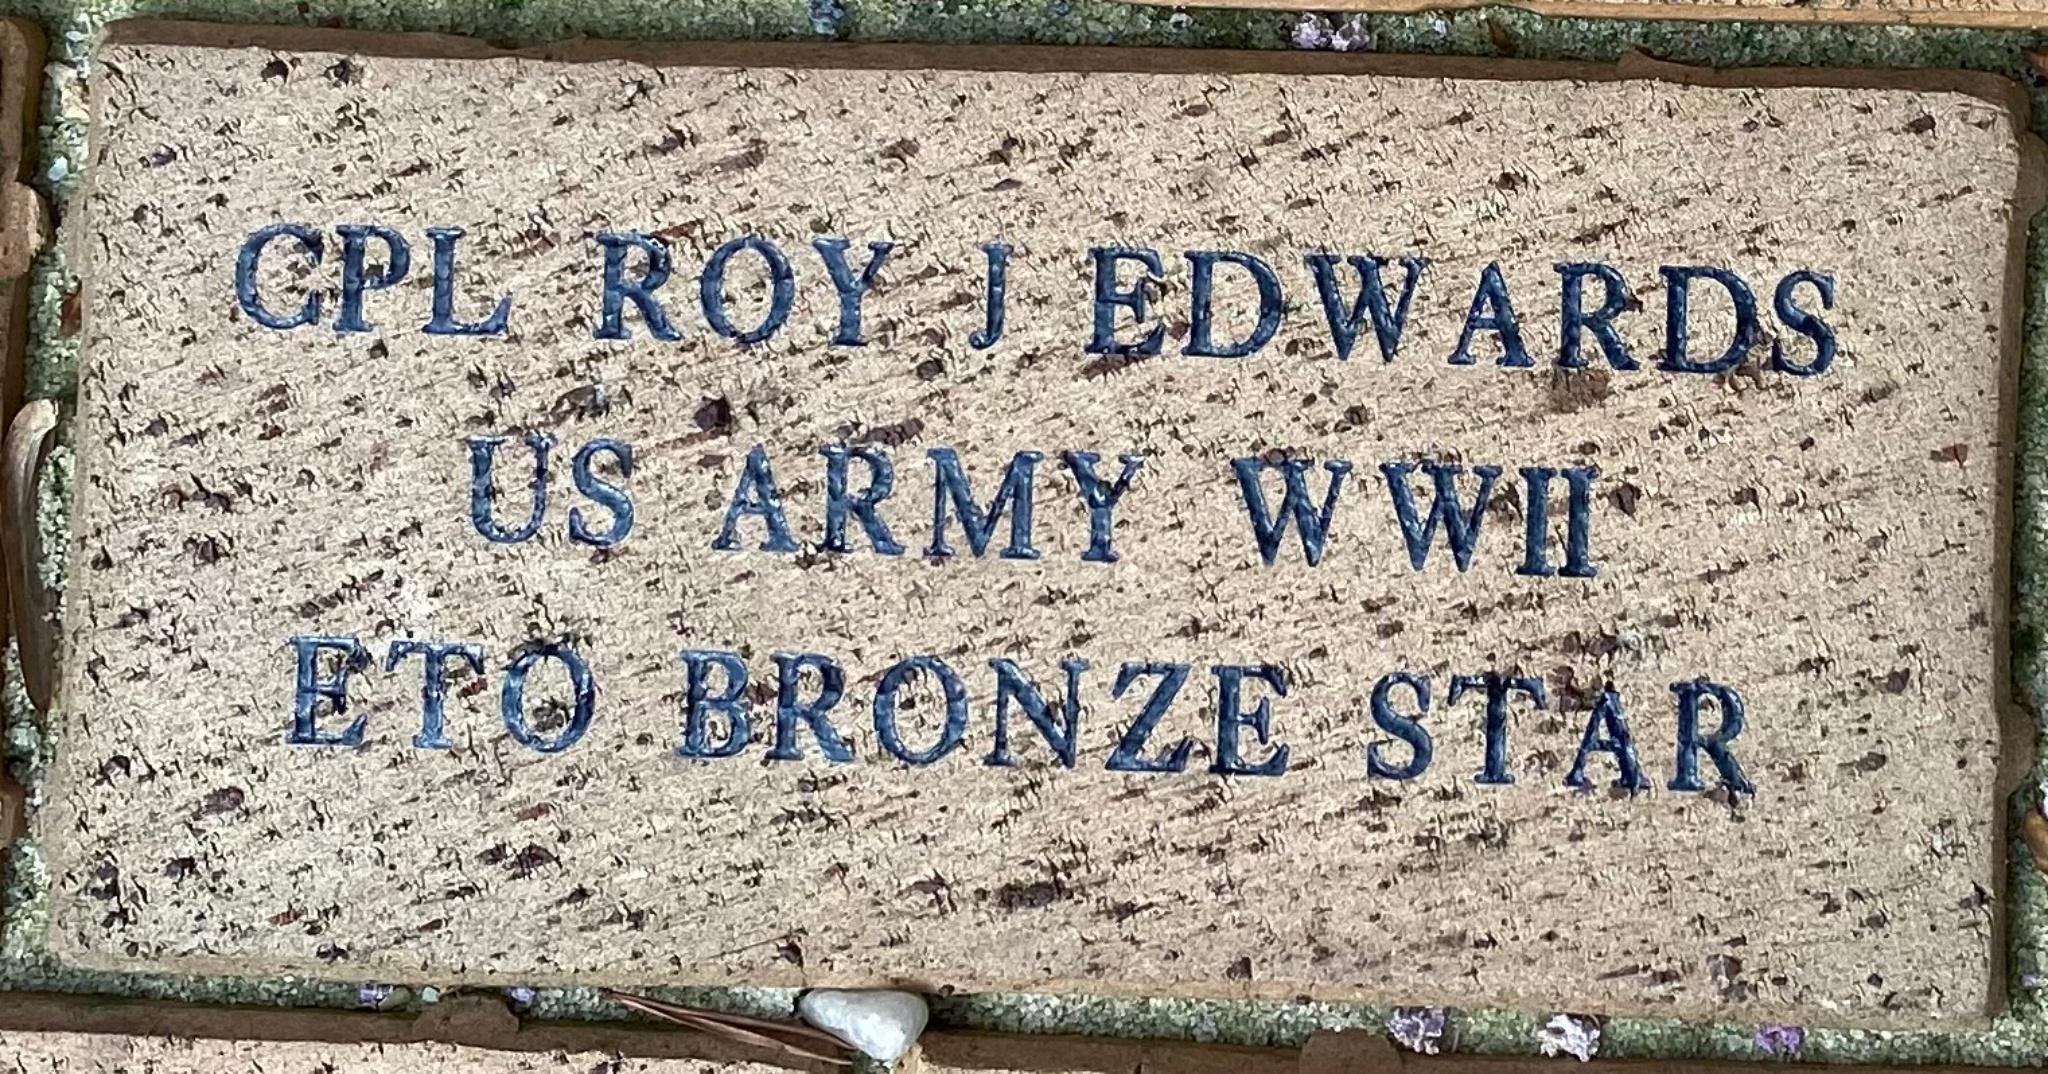 CPL ROY J EDWARDS US ARMY WWII ETO BRONZE STAR